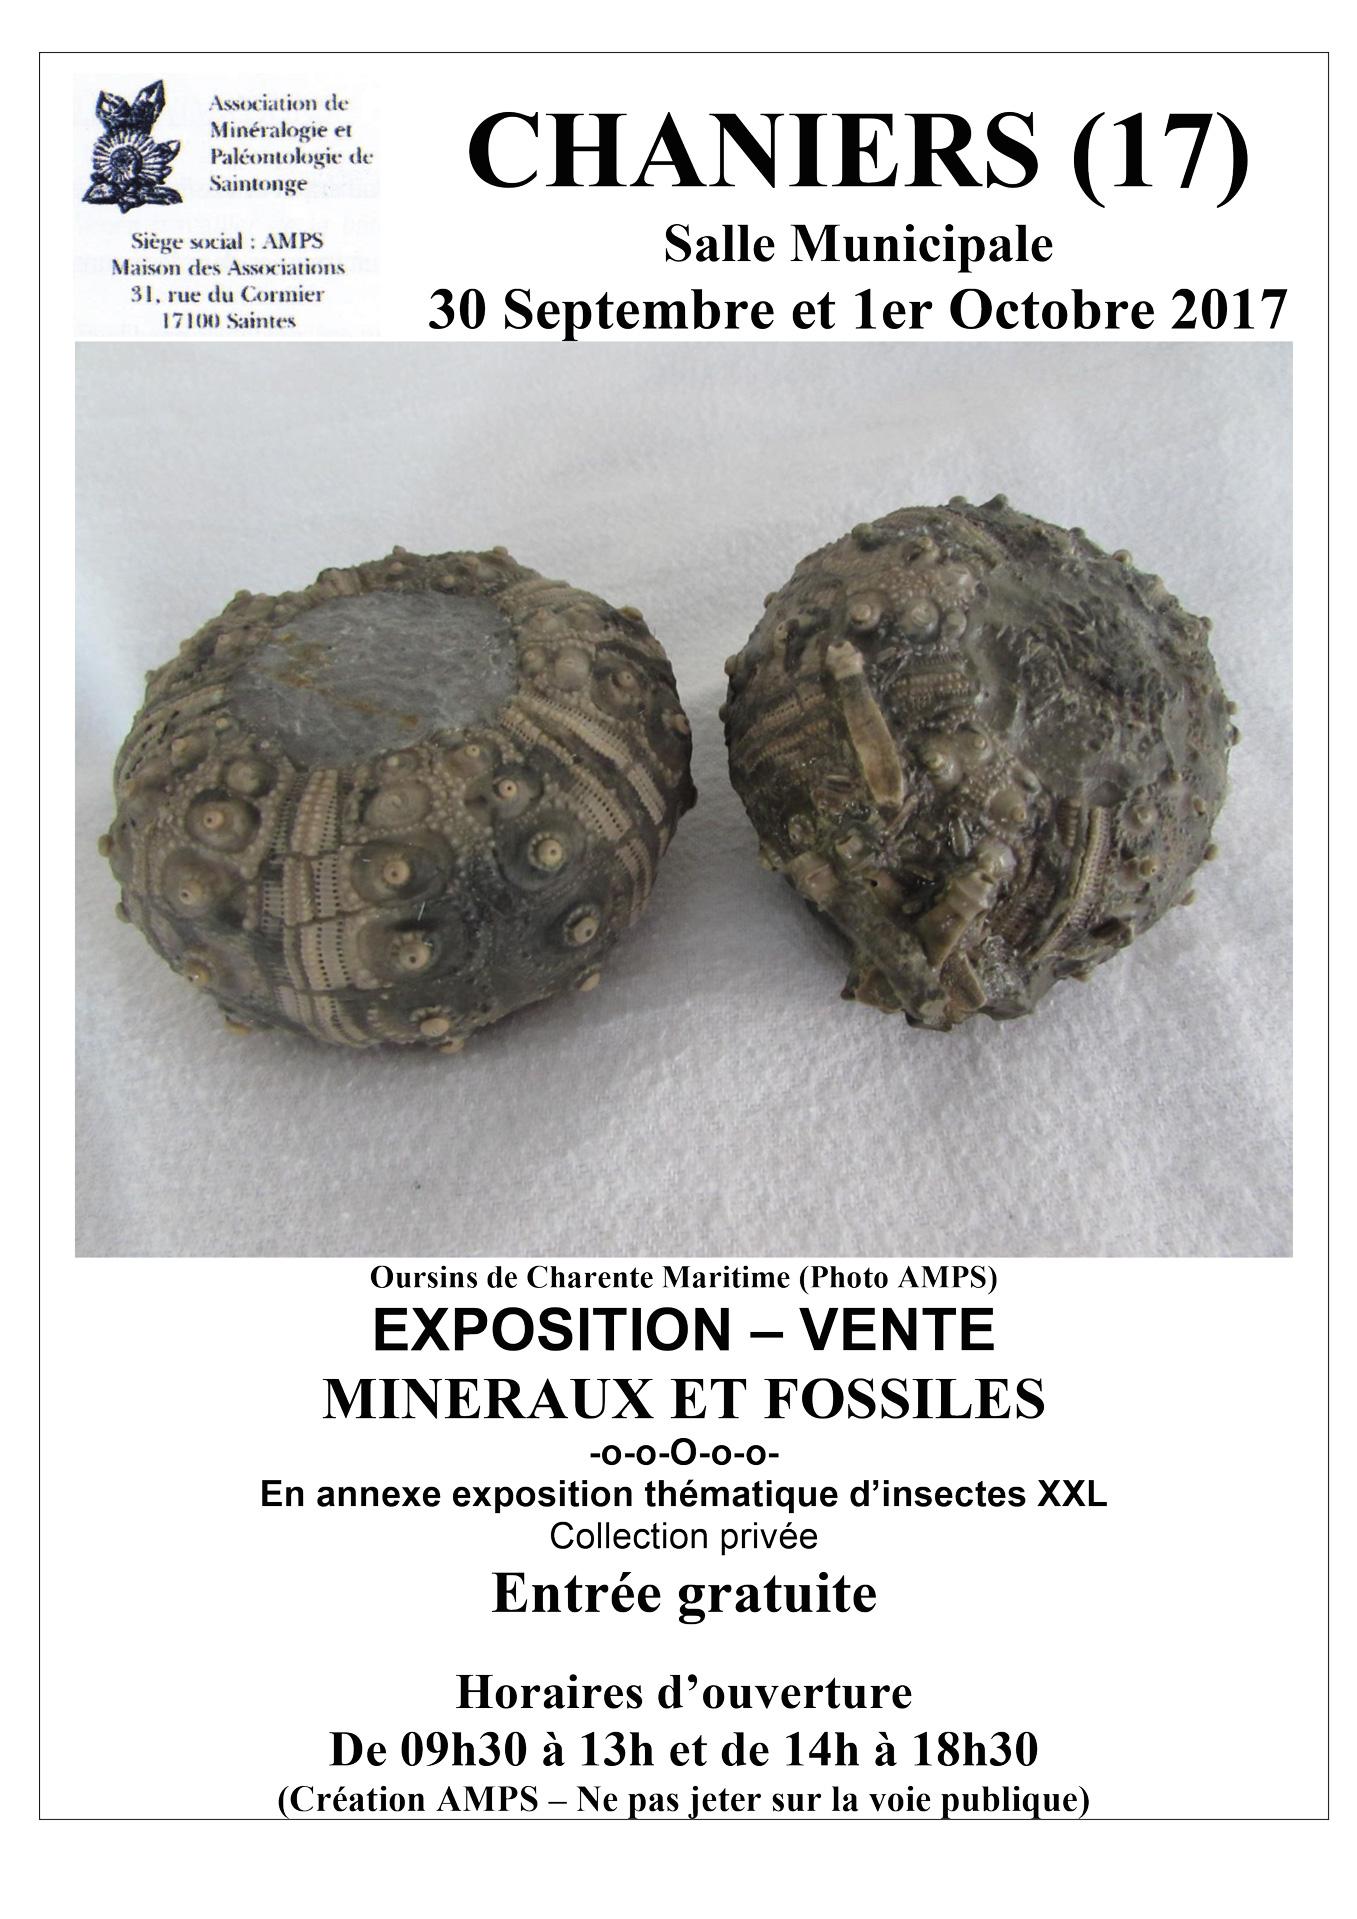 Exposition-Vente de Minéraux et Fossiles @ Salle des fêtes | Chaniers | Nouvelle-Aquitaine | France